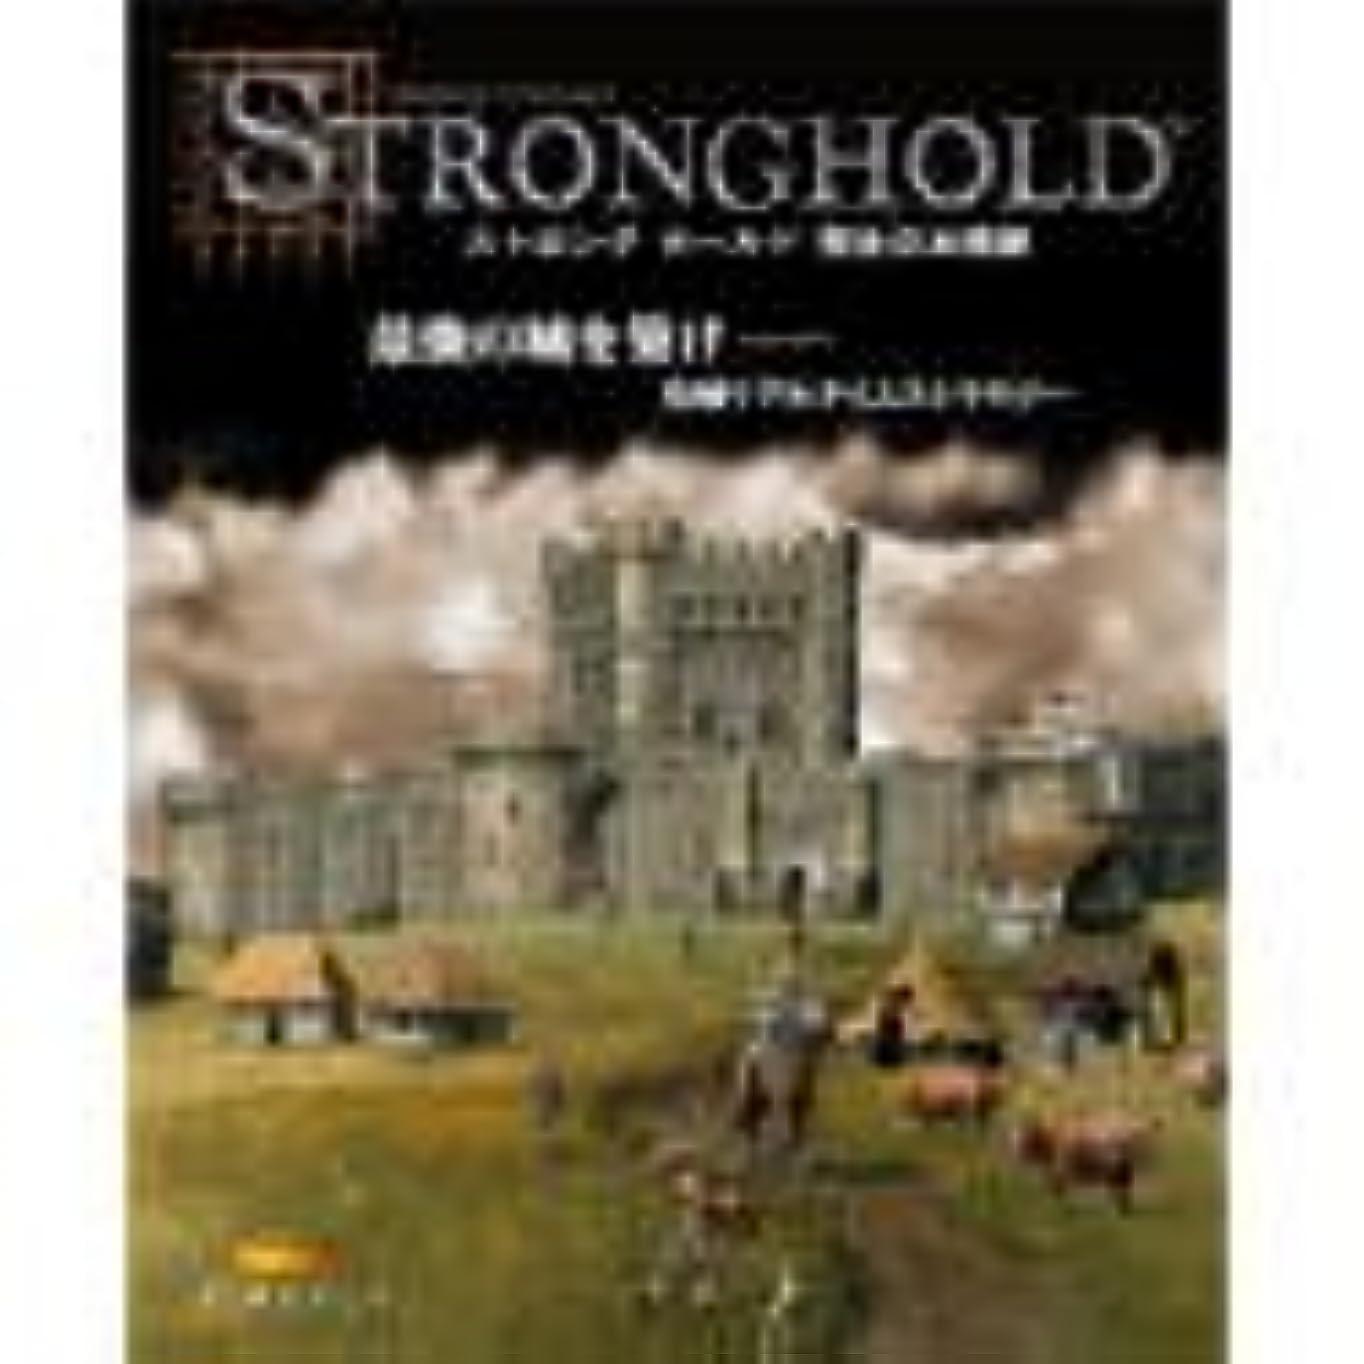 誘発する判読できないと遊ぶストロングホールド 完全日本語版